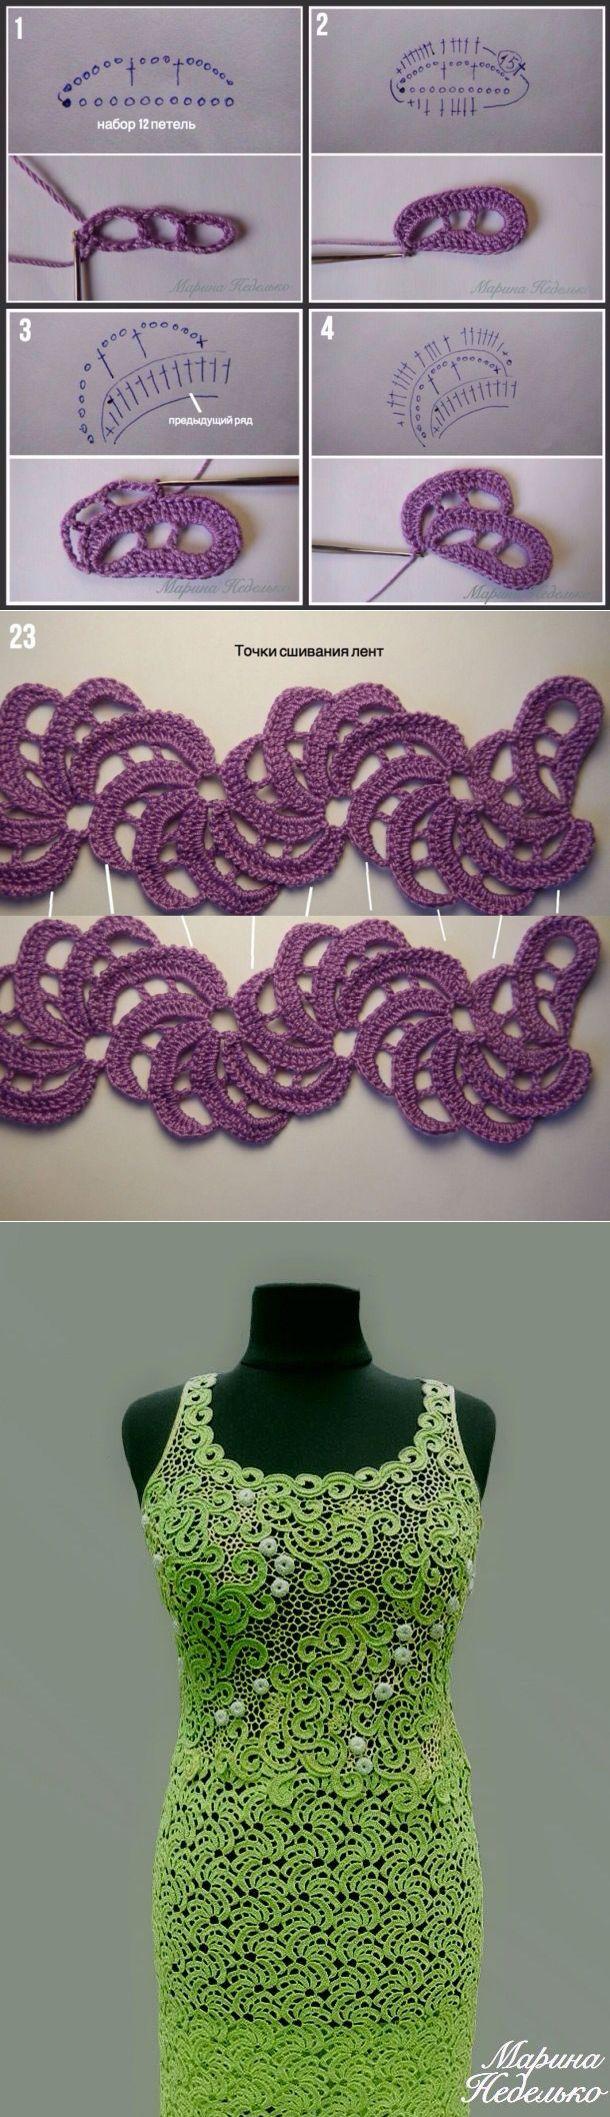 Вяжем ленточное кружево «Мандаринки» - Ярмарка Мастеров - ручная работа, handmade